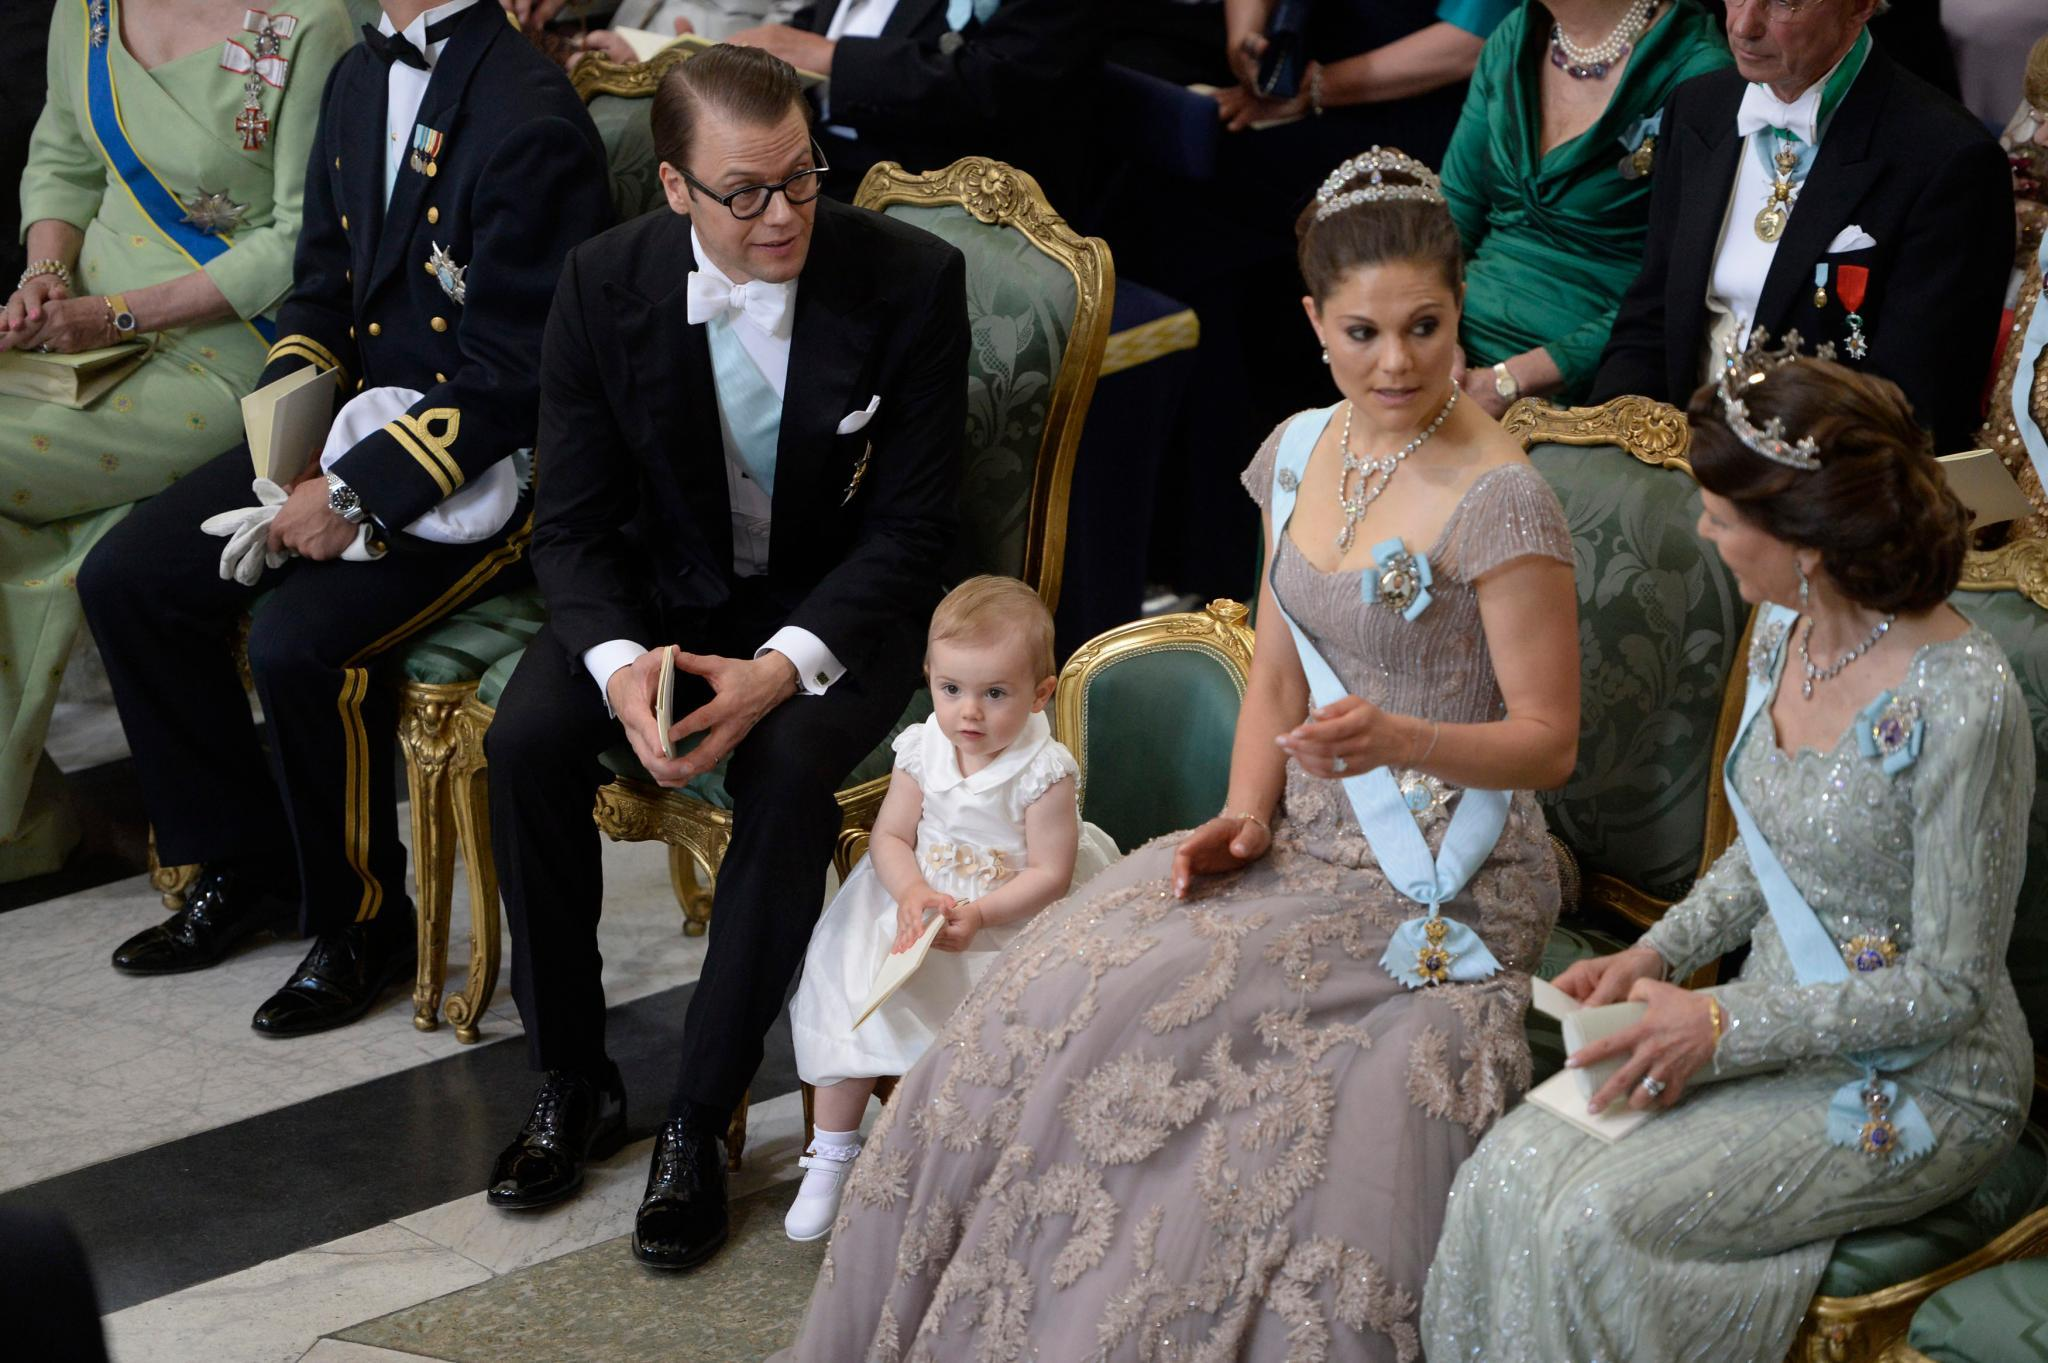 Ministuhl für eine kleine Prinzessin. Estelle benimmt sich während des Gottesdienstes mustergültig.